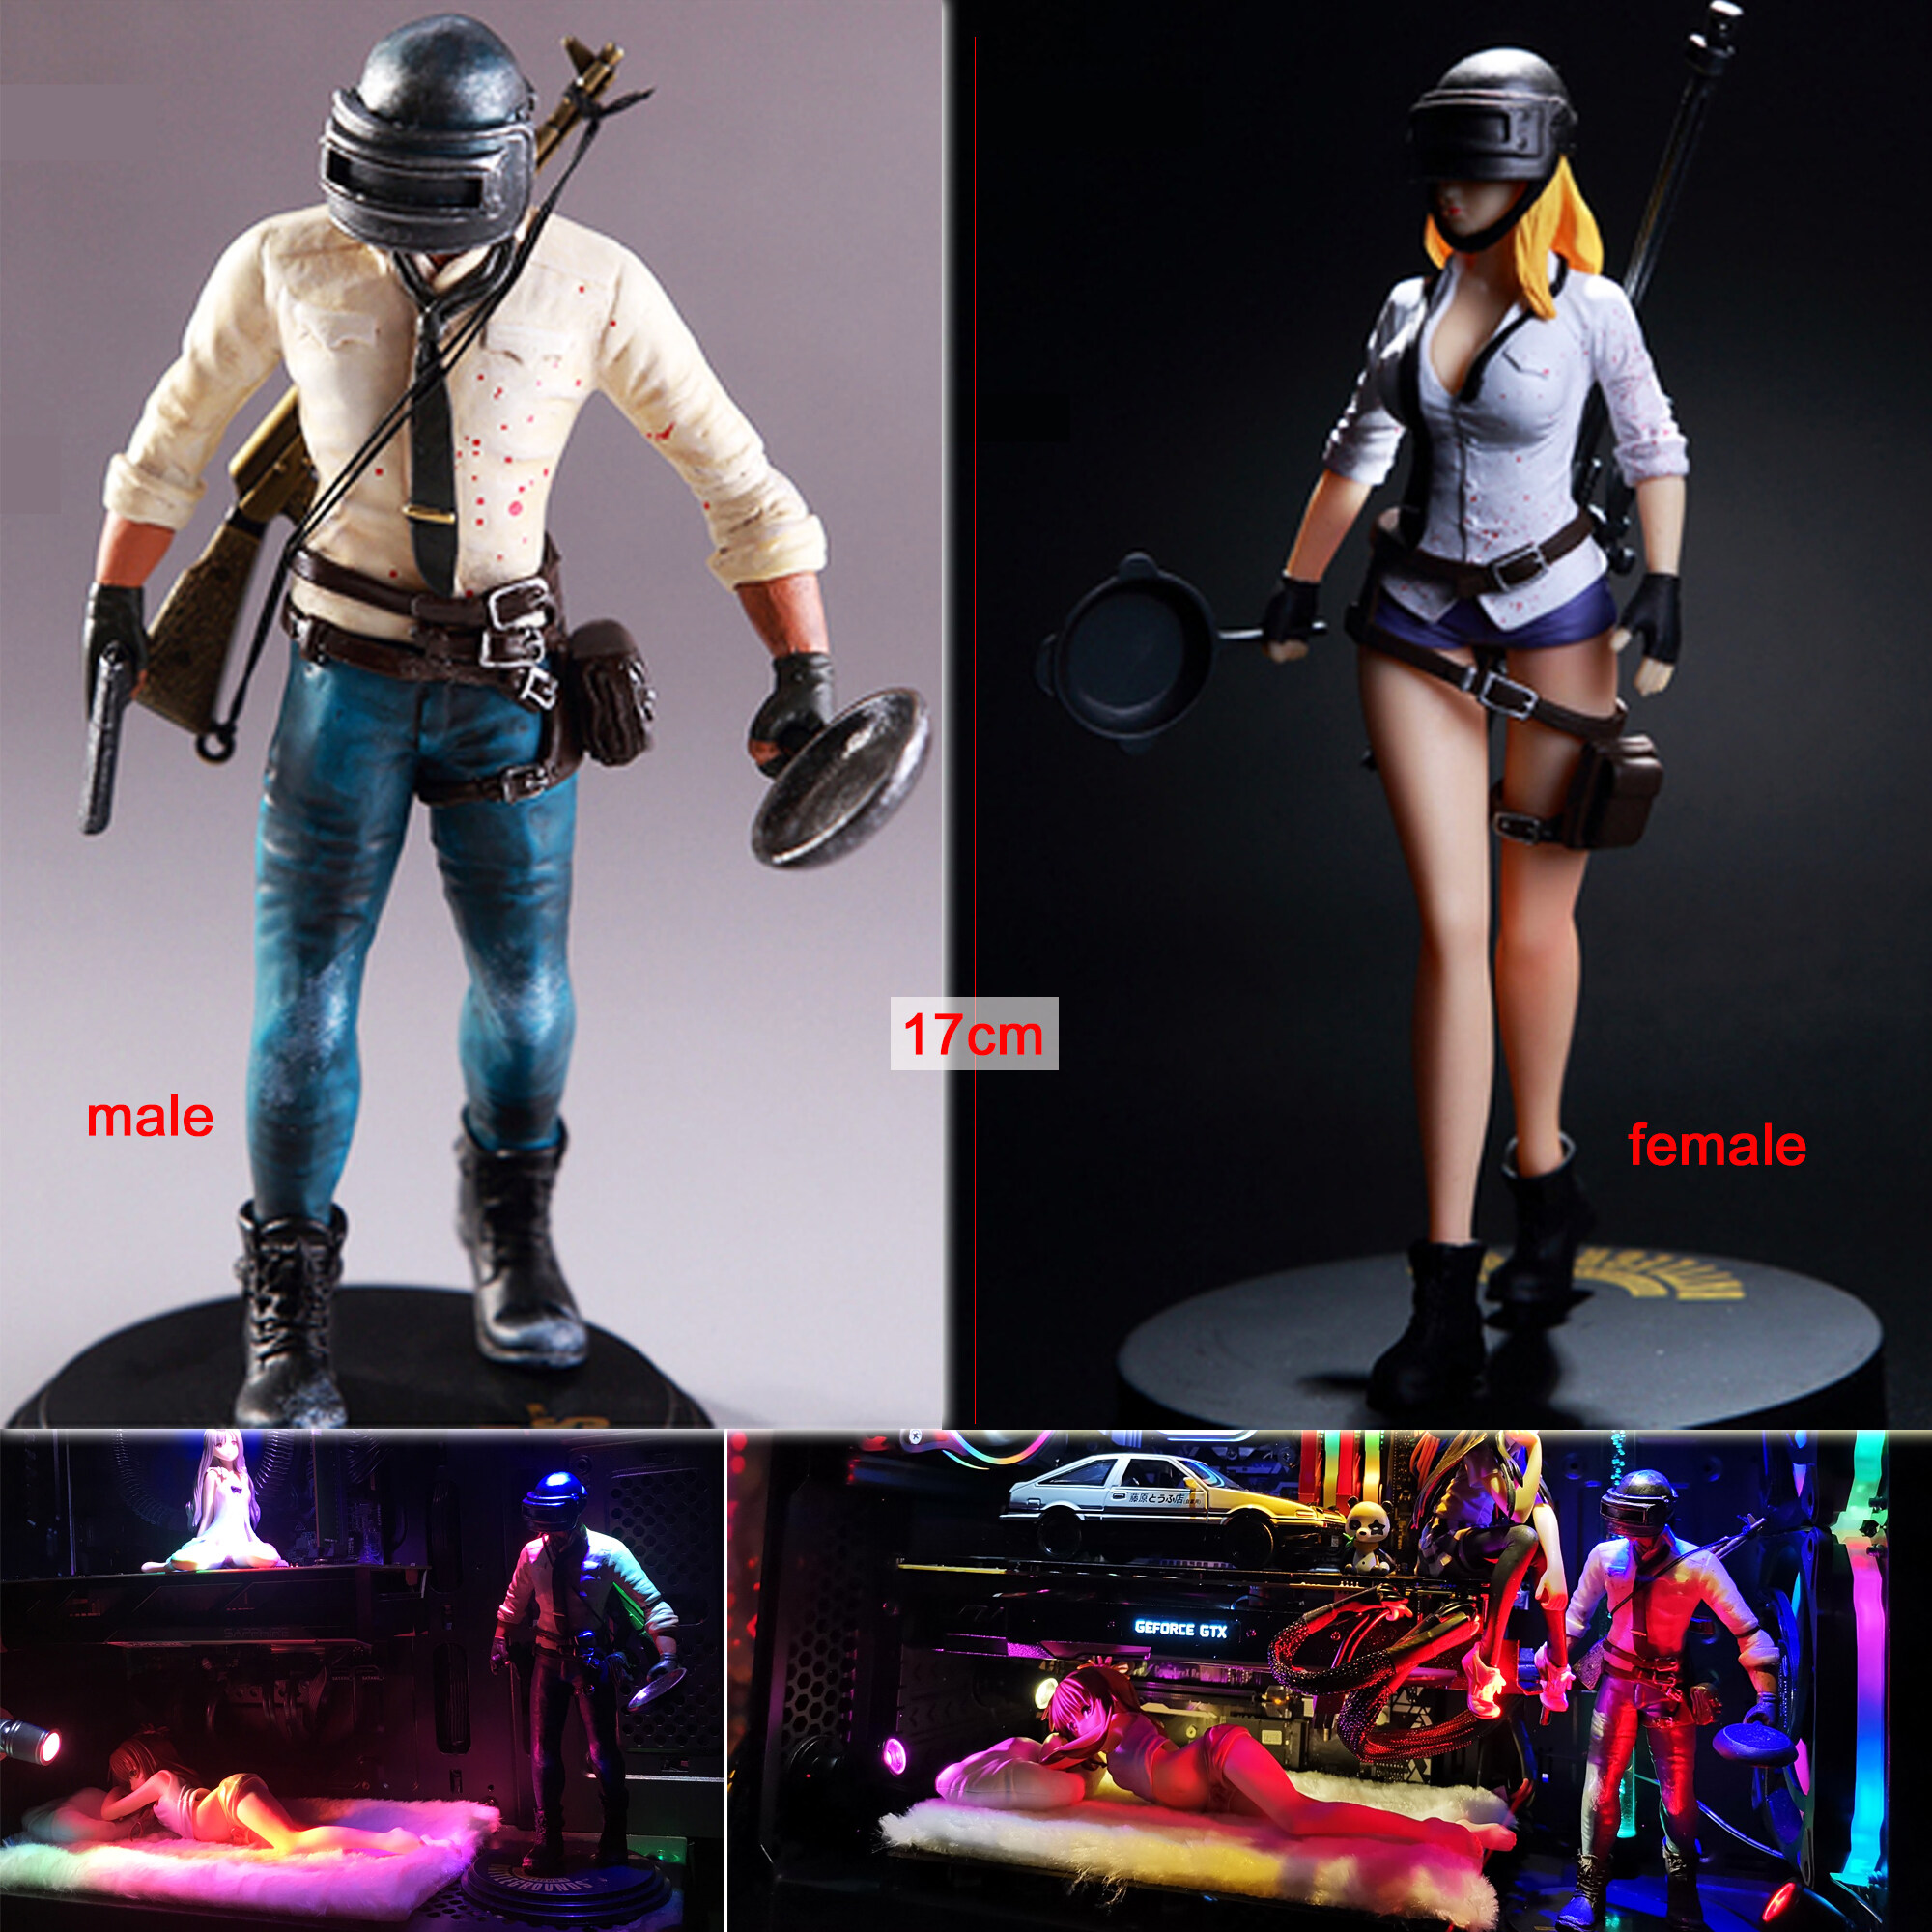 Pre-order: 17cm Battlegrounds PUBG figure pubg mask helmet toys games figure Toys for boys Computer Case Decoration (Male/ Female)